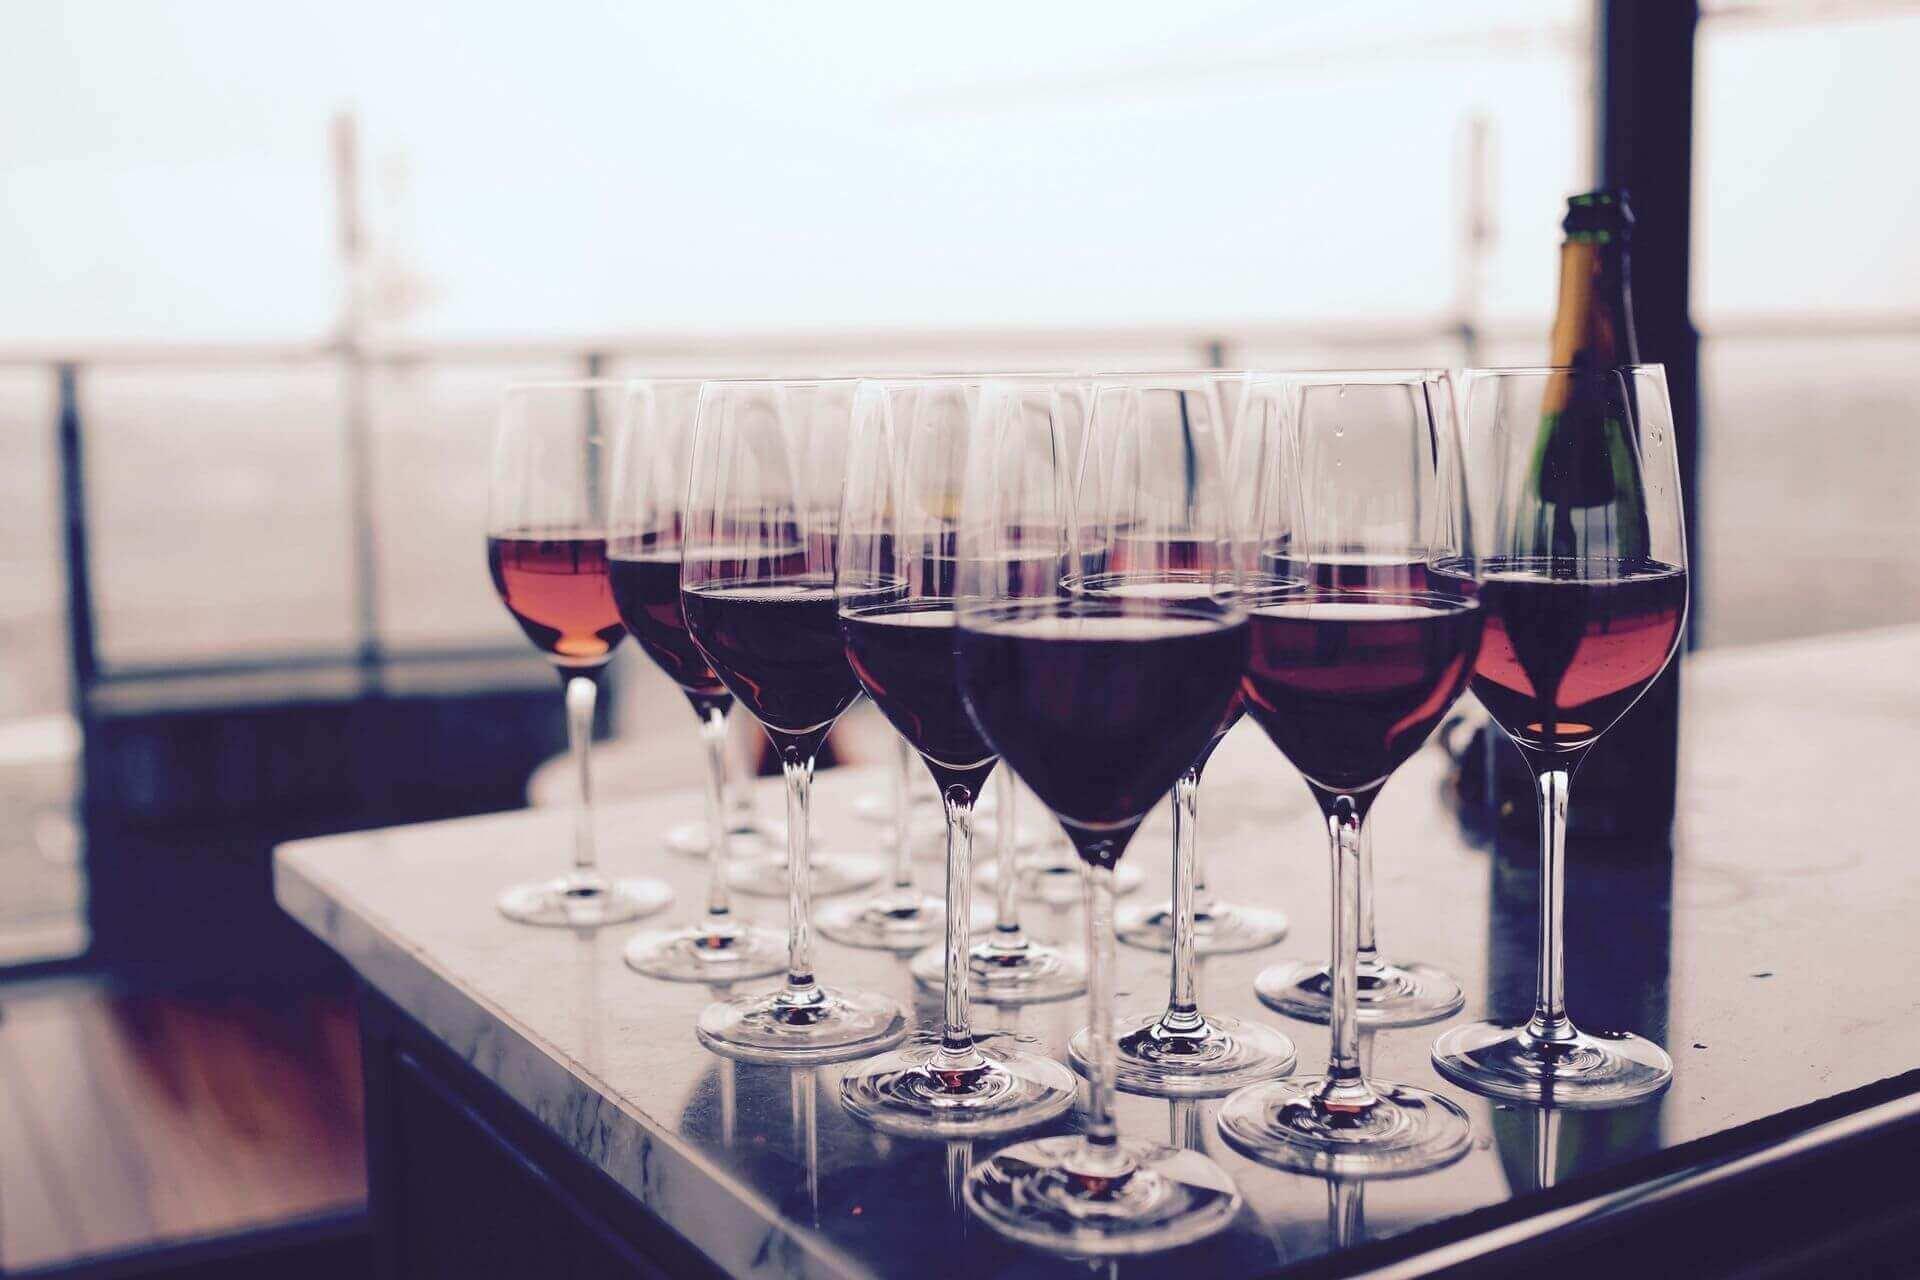 wine-10-1920-1280